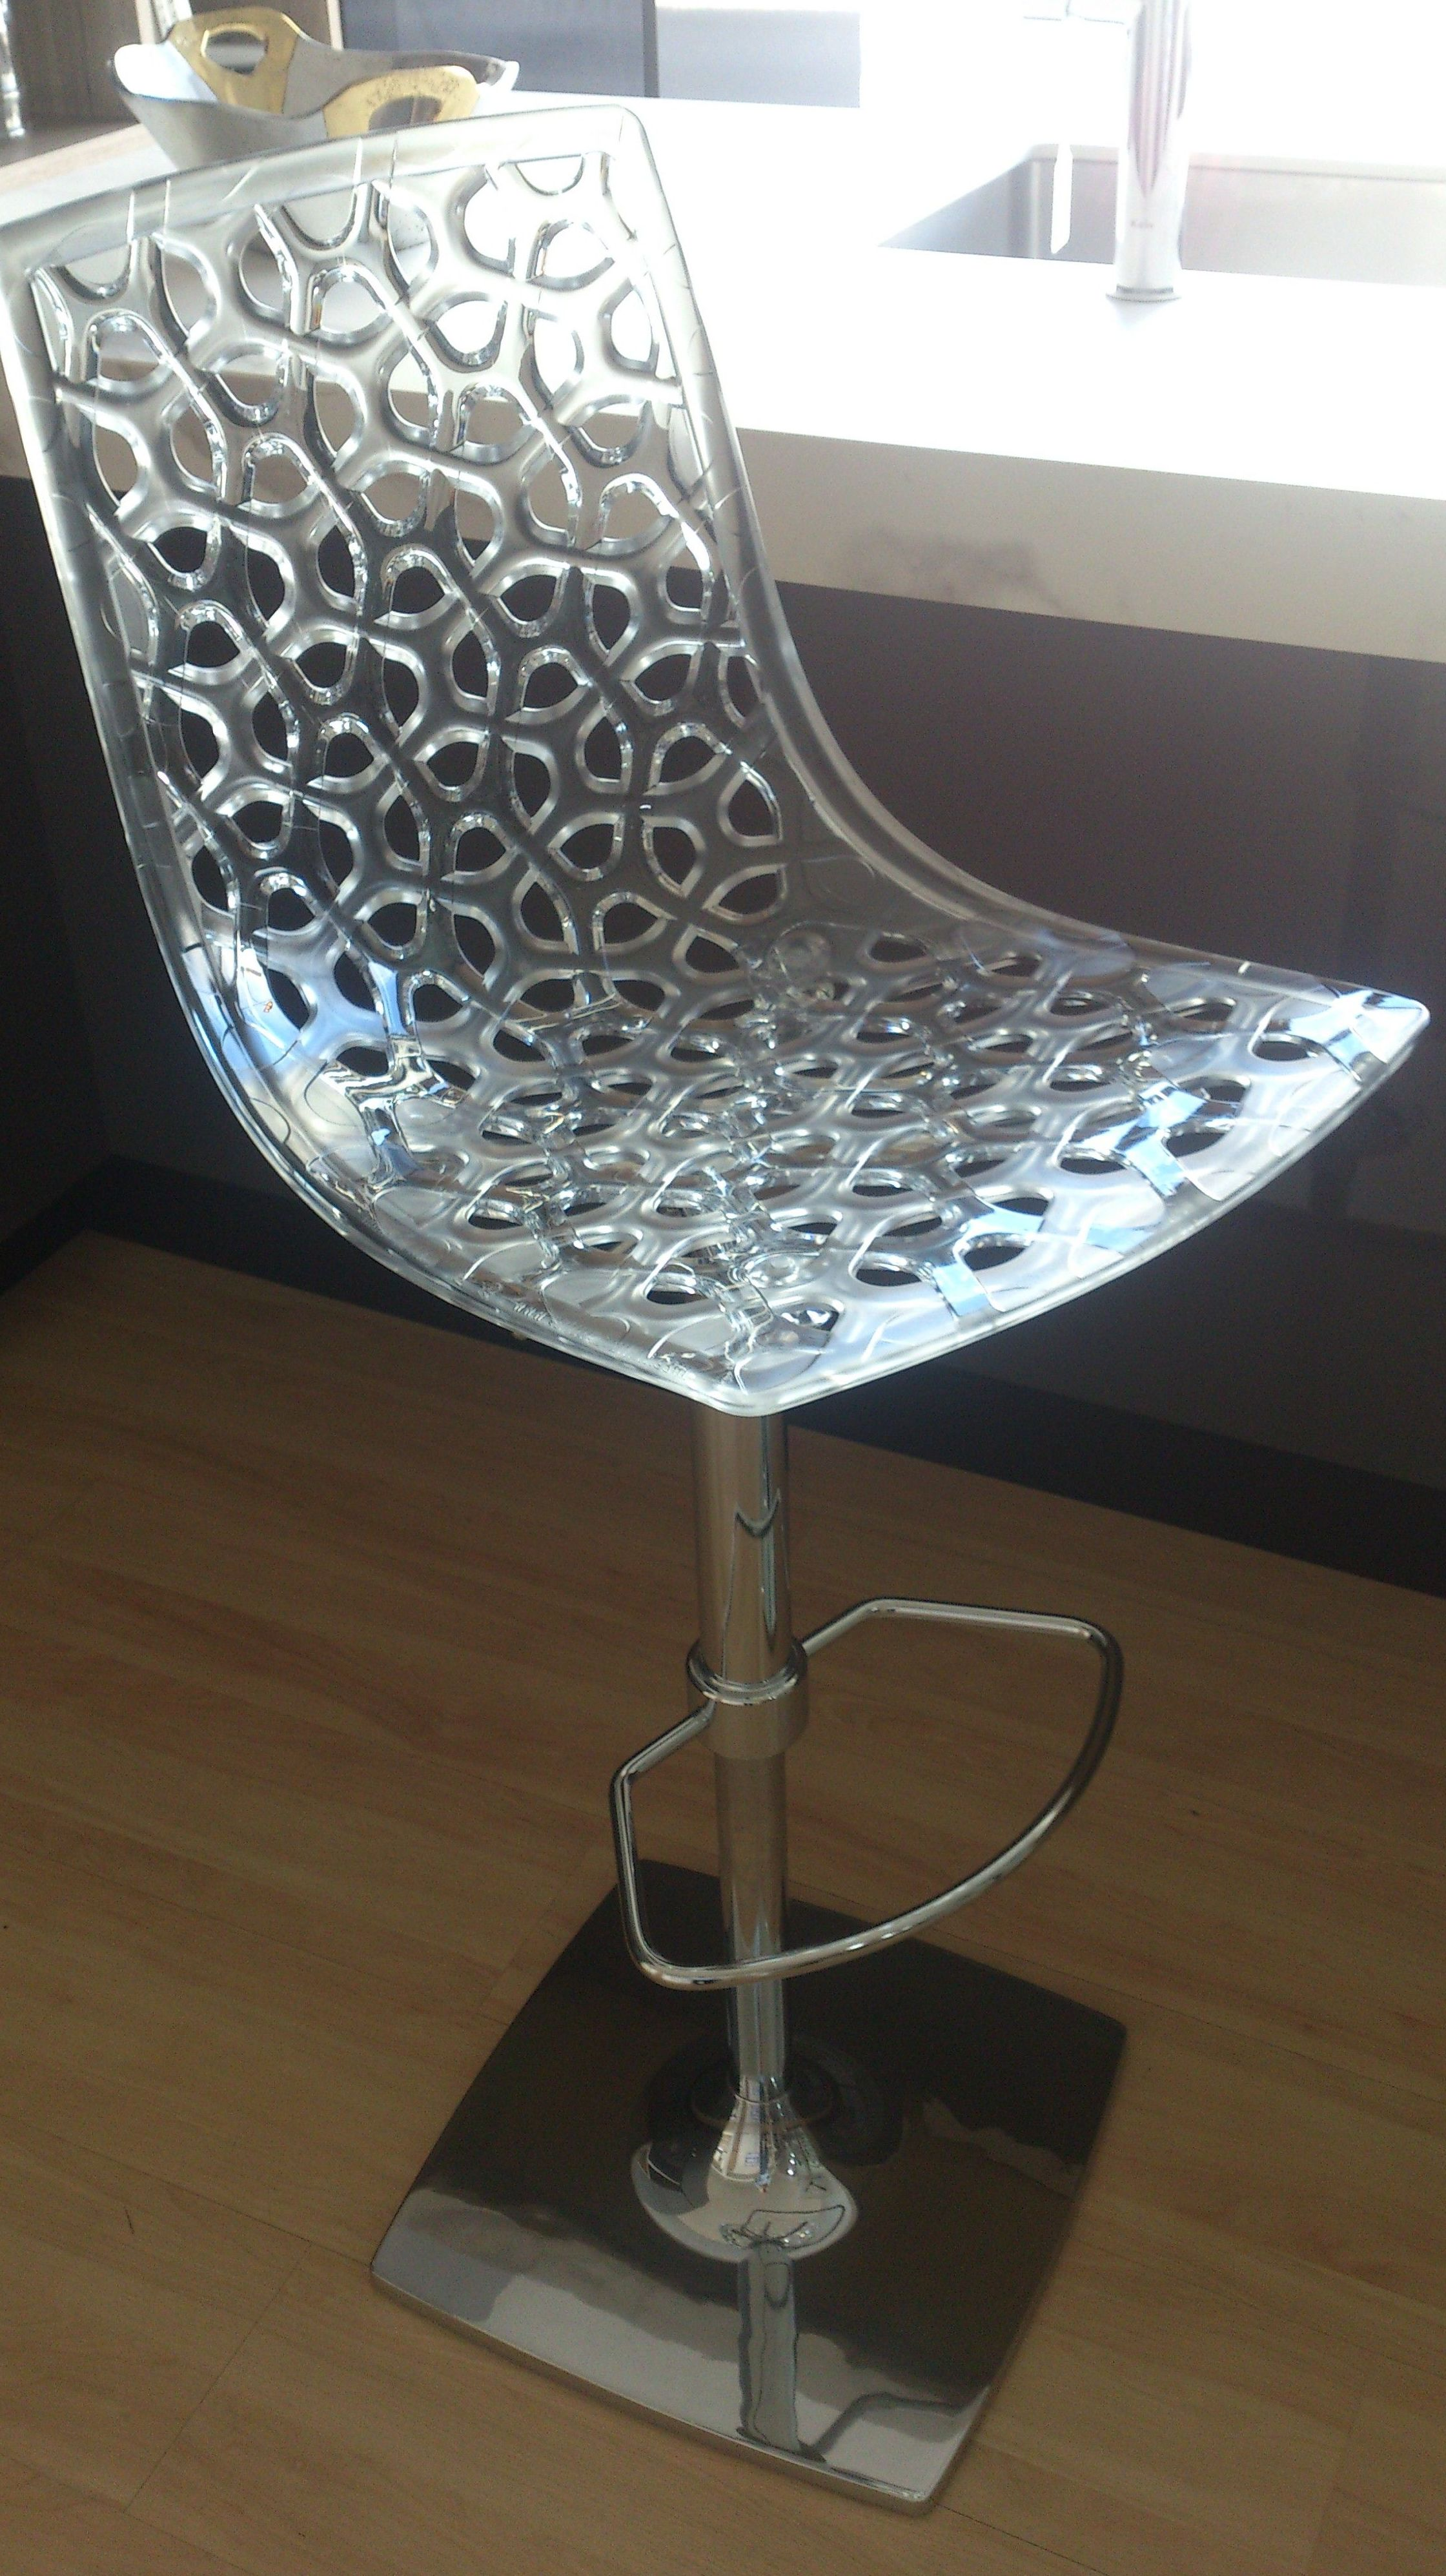 Nuestras mesas y sillas italianas productos de dise o cocina - Mesas y sillas de cocina de diseno ...